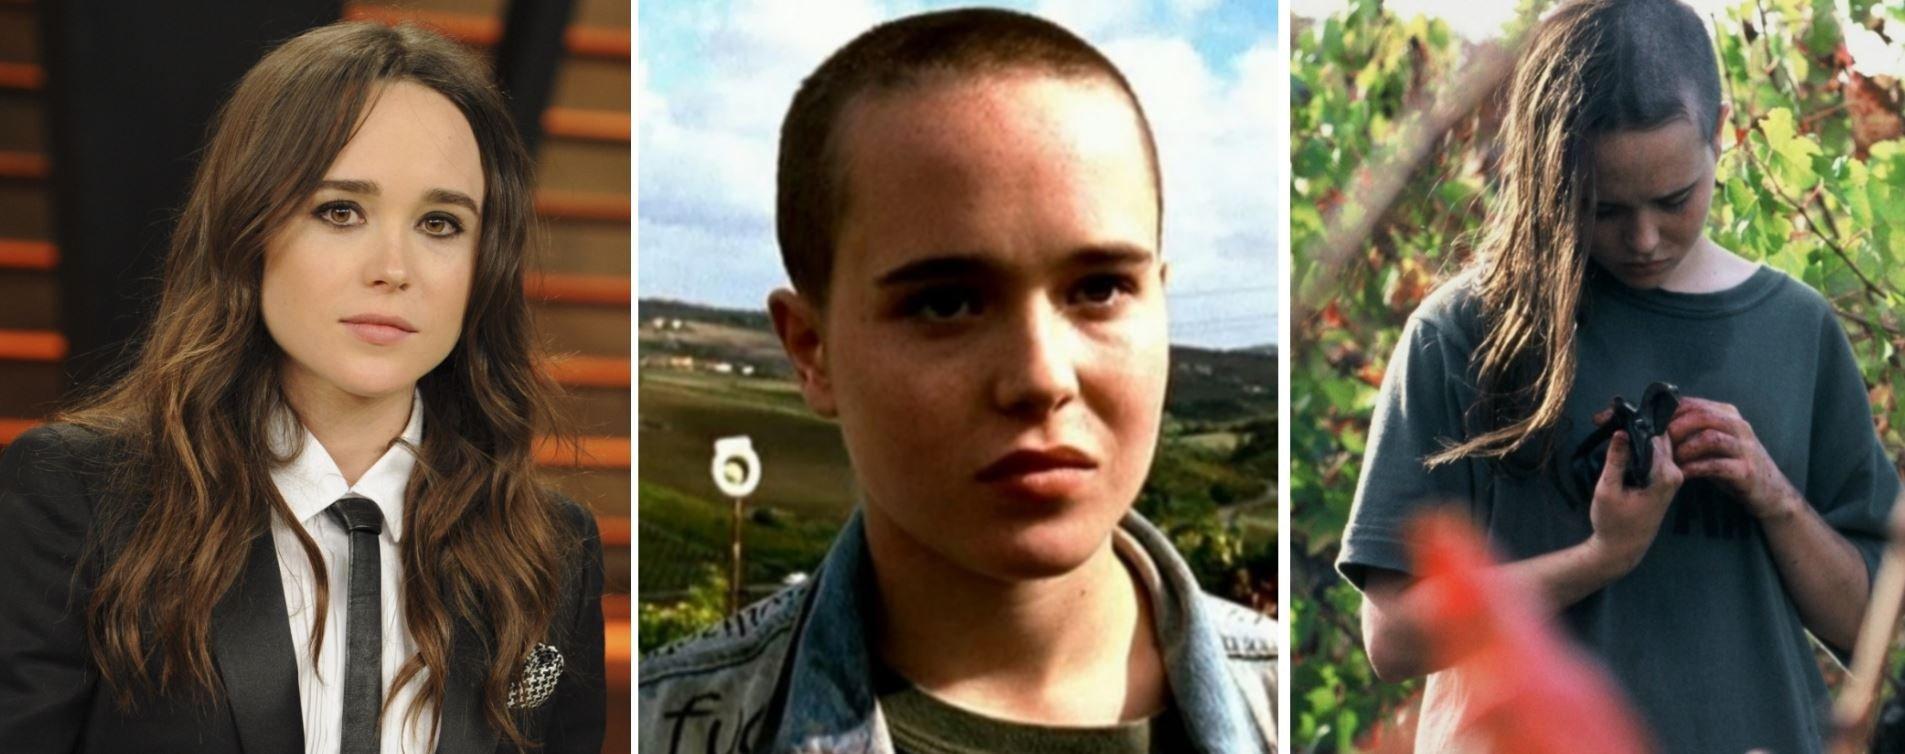 10 актрис, которым пришлось брить голову налысо ради роли в кино